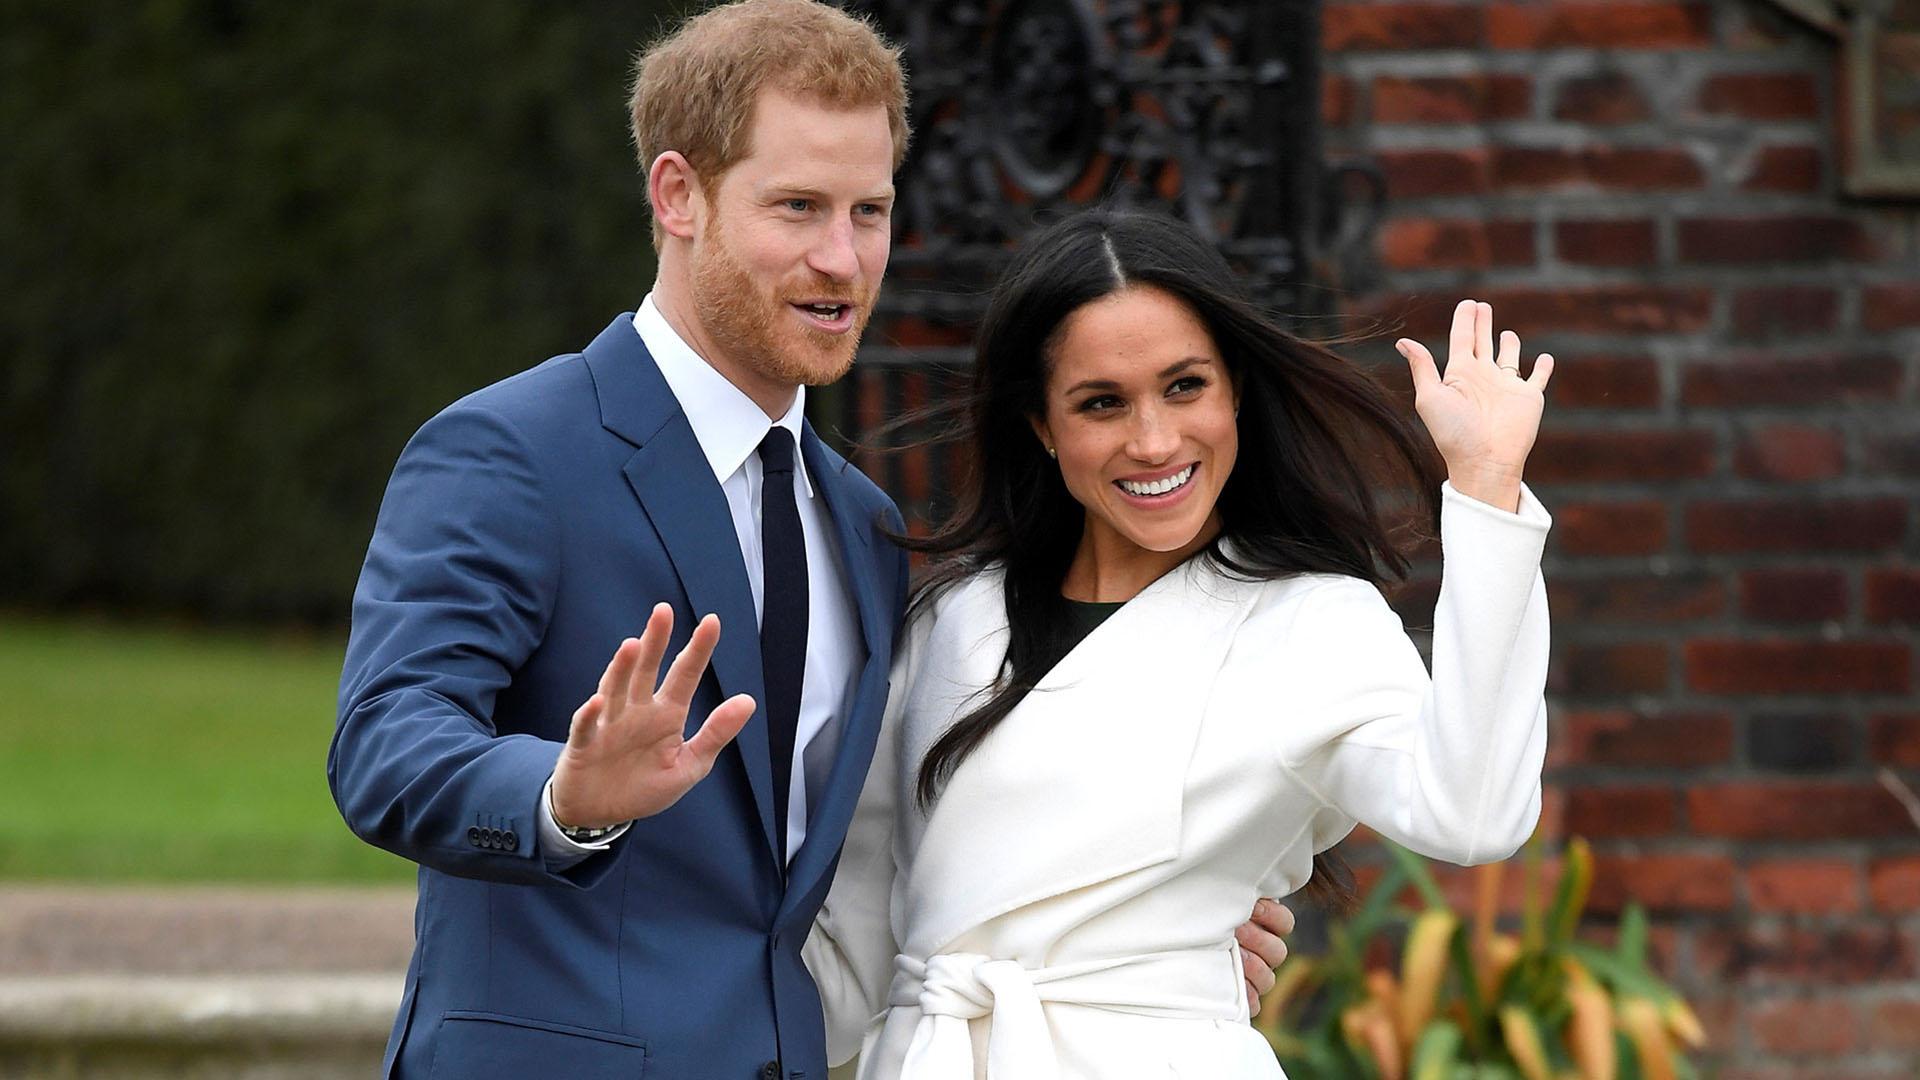 Con un comunicado oficial el palacio confirmó el enlace será el 19 de mayo en la capilla de San Jorge del histórico Castillo de Windsor, en las afueras de Londres, el a las 12 GTM.